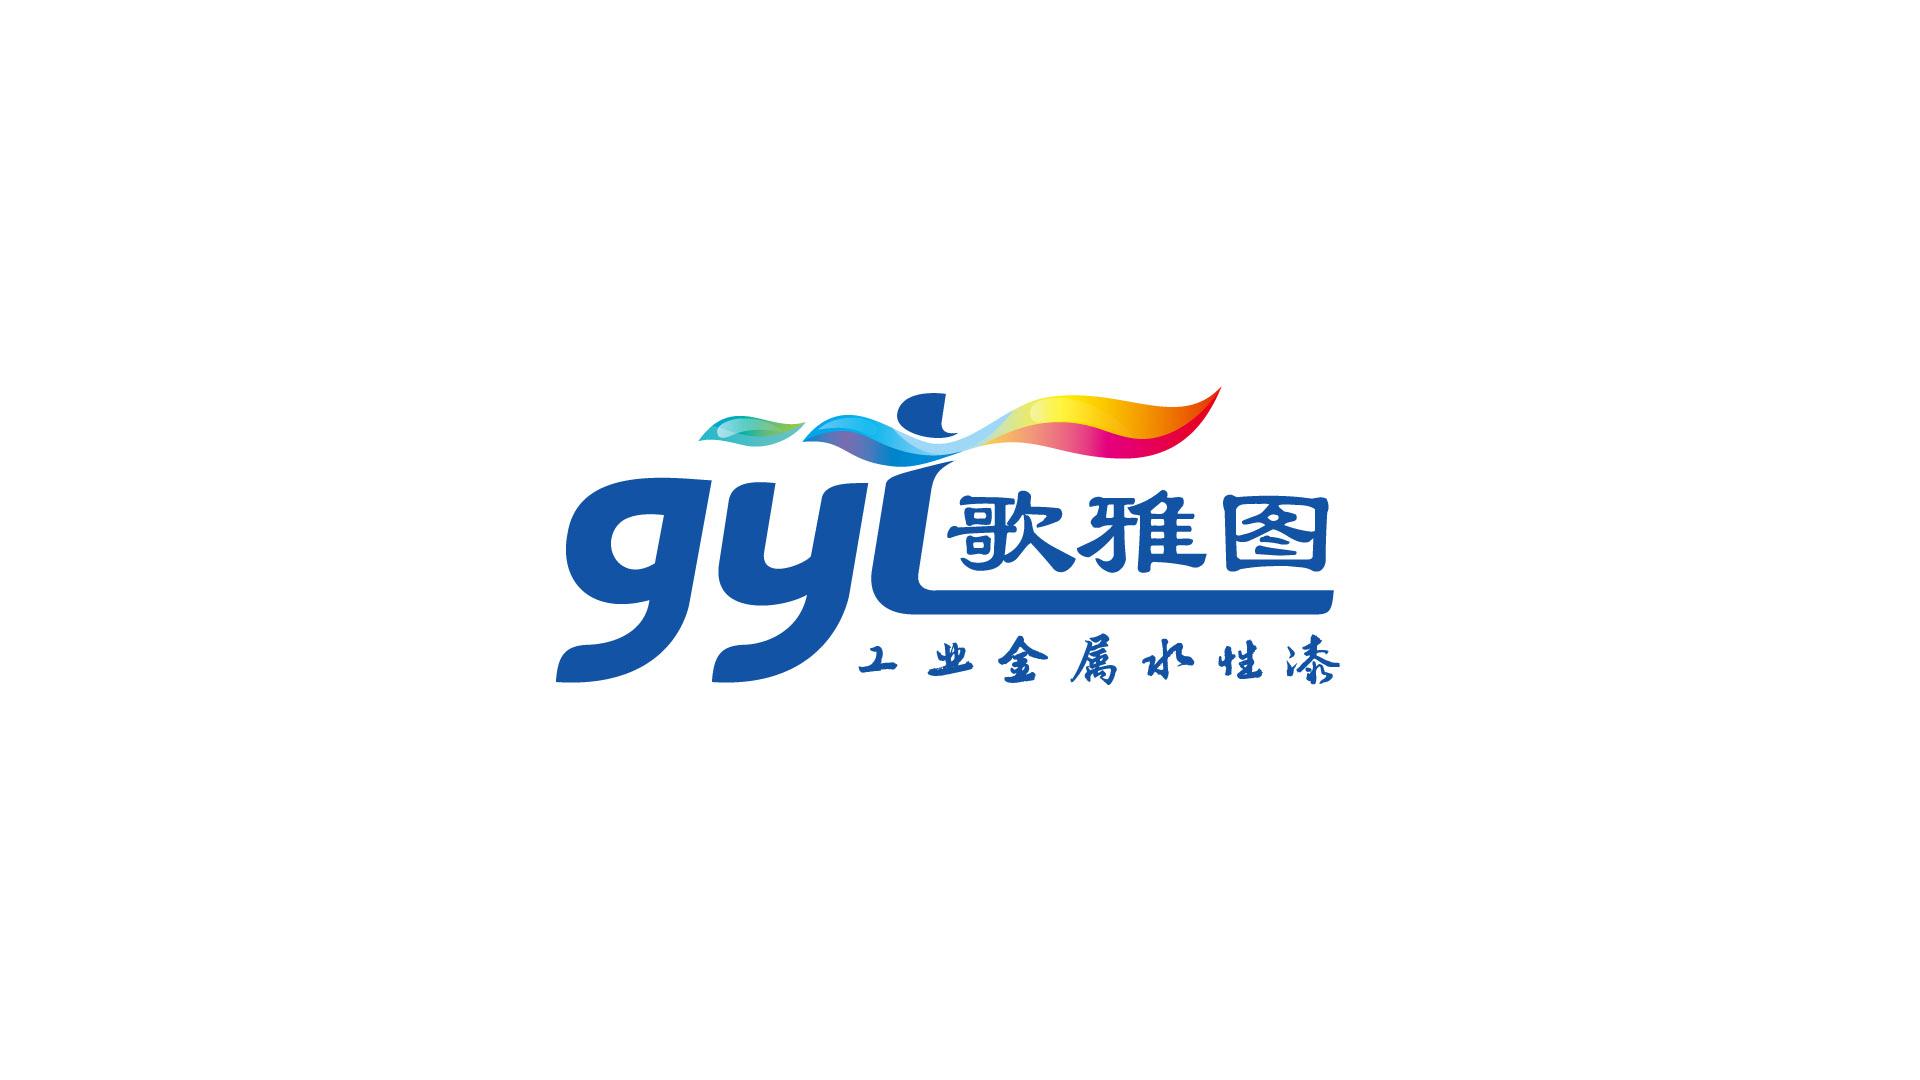 歌雅图公司LOGO万博手机官网